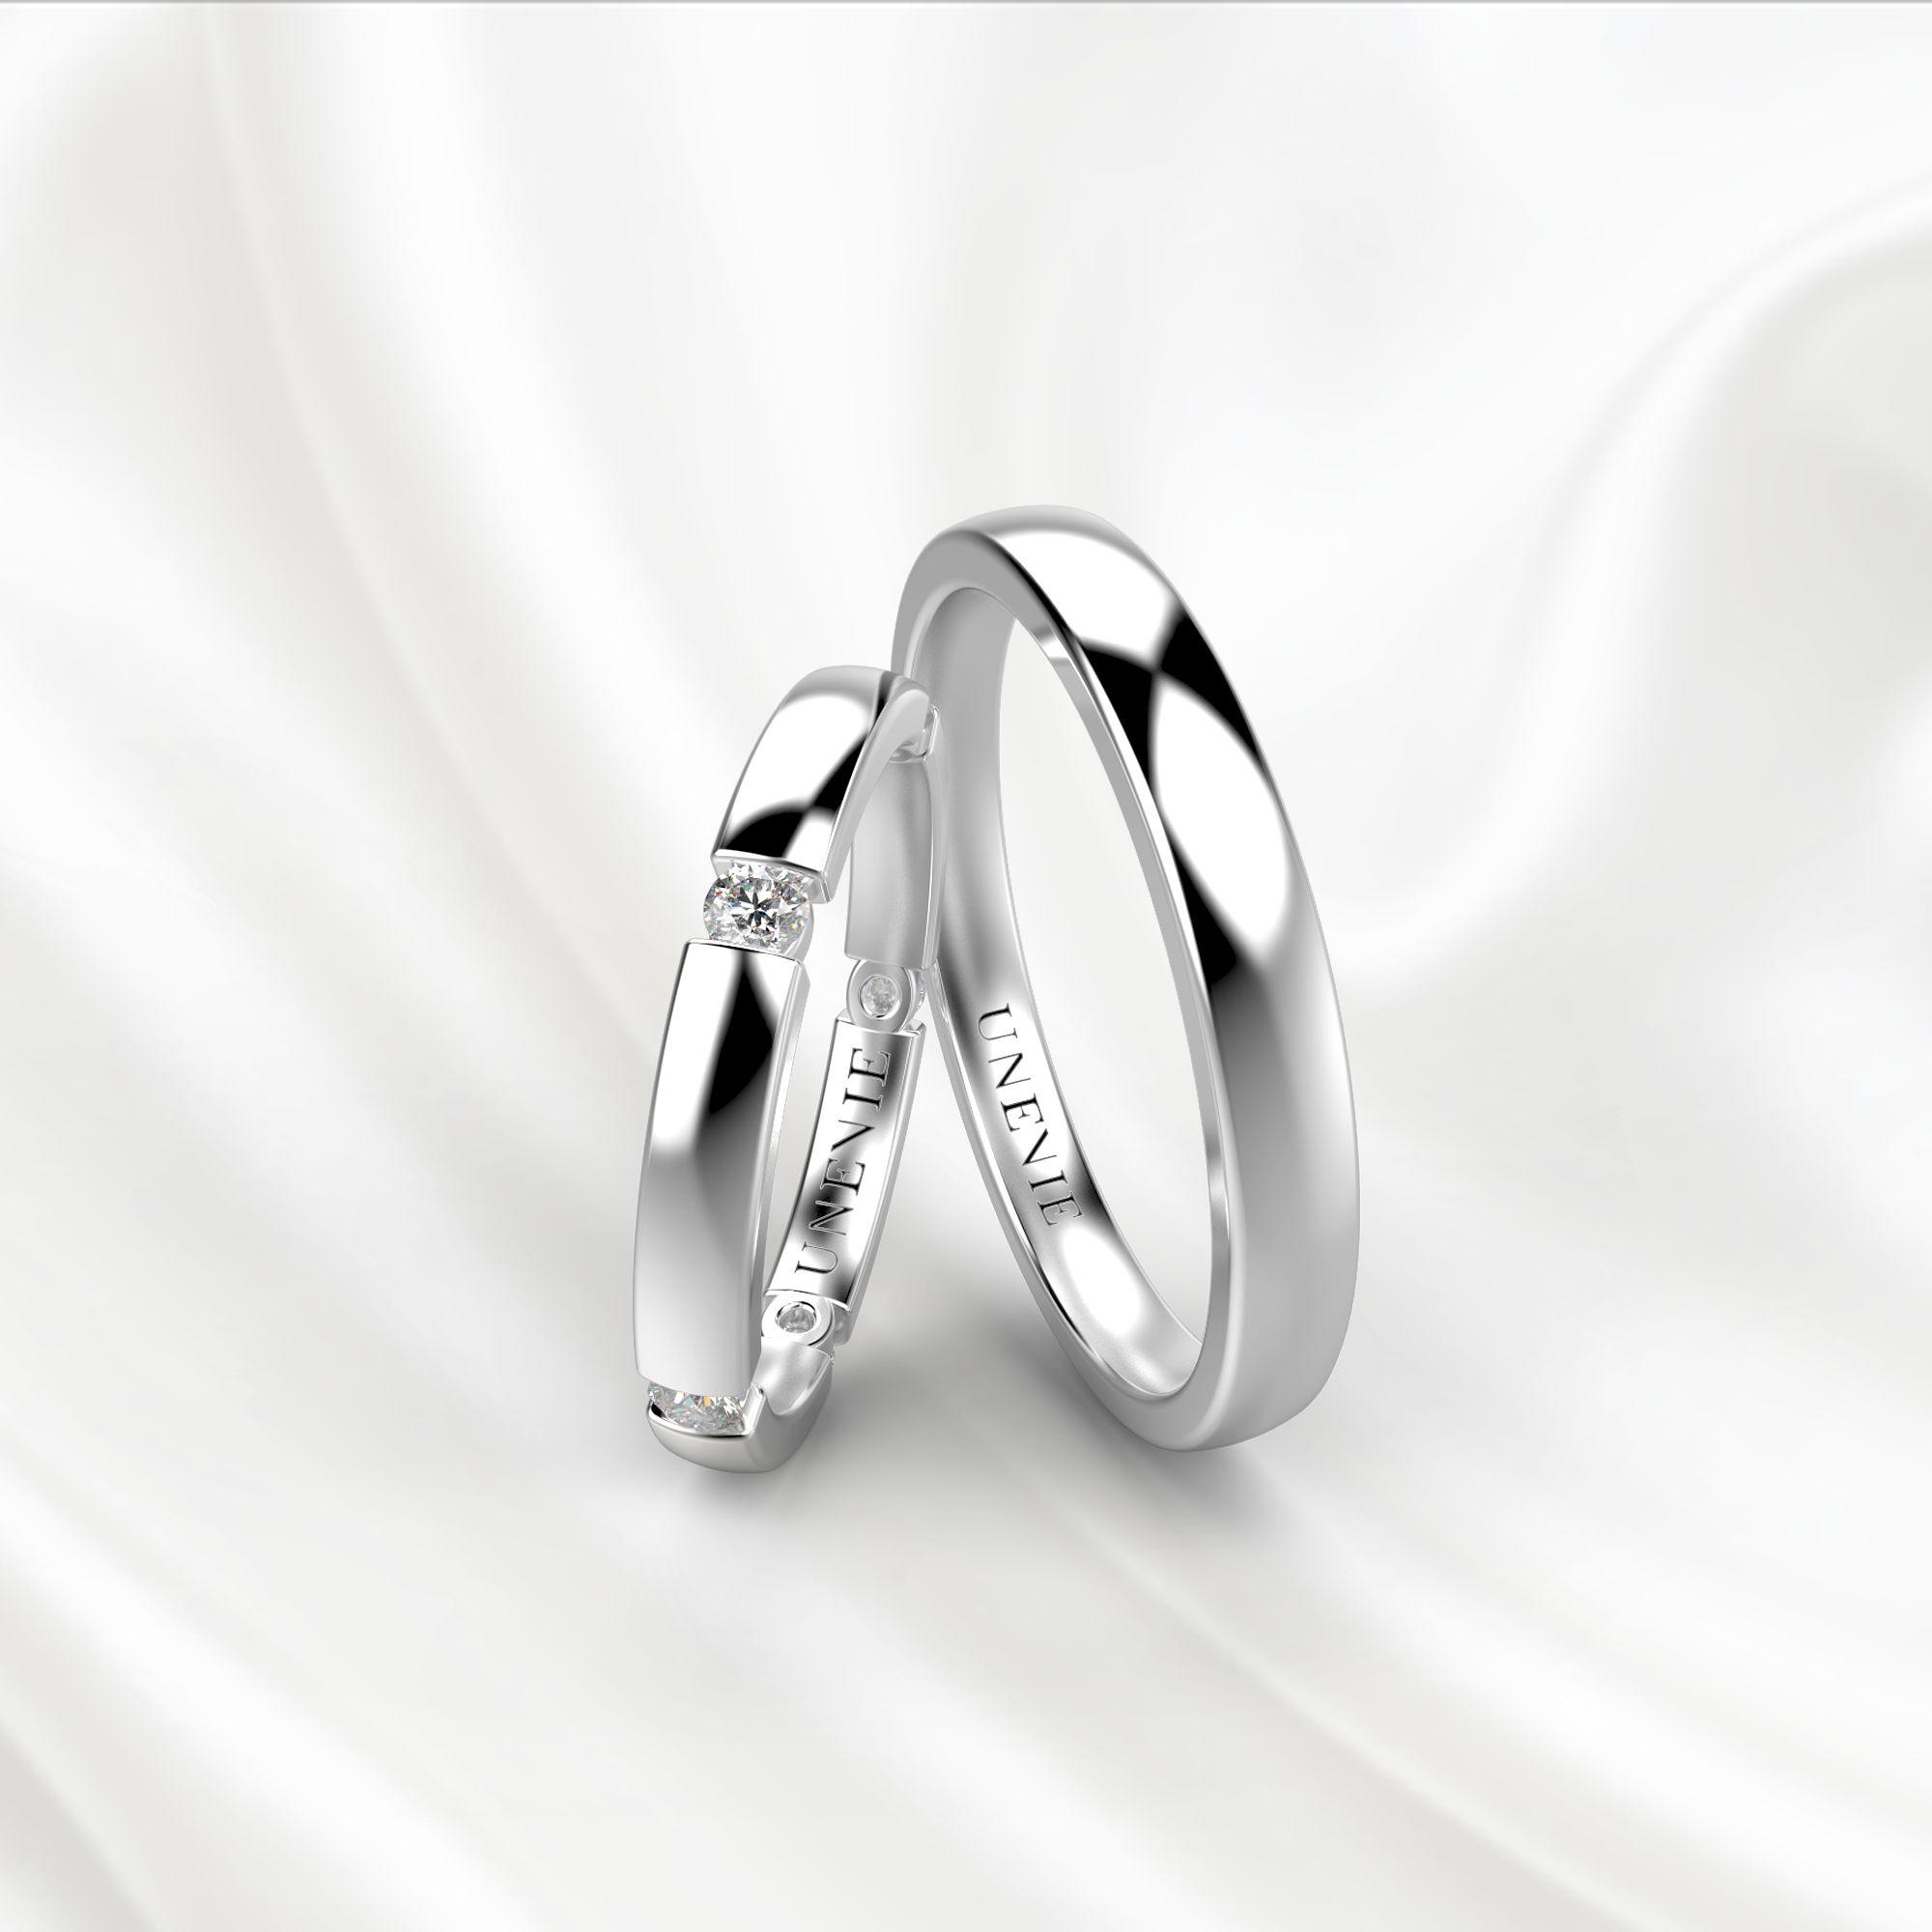 NV22 Обручальные кольца из белого золота